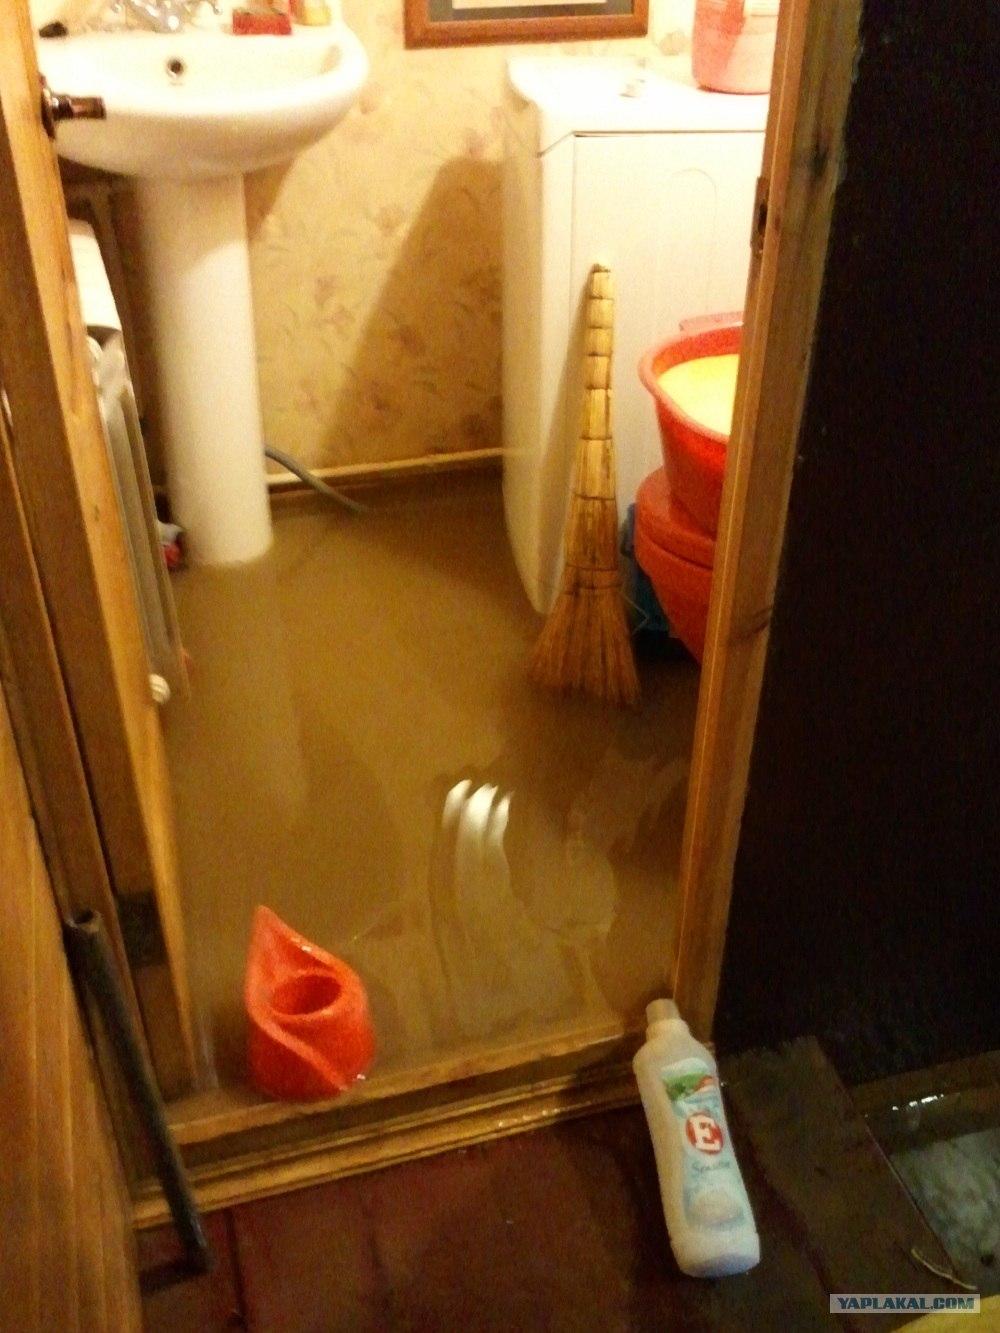 Видение, где потоп происходит в ванной комнате, предсказывает, что есть риск потерпеть неудачи в рабочих делах, что может закончиться увольнением.